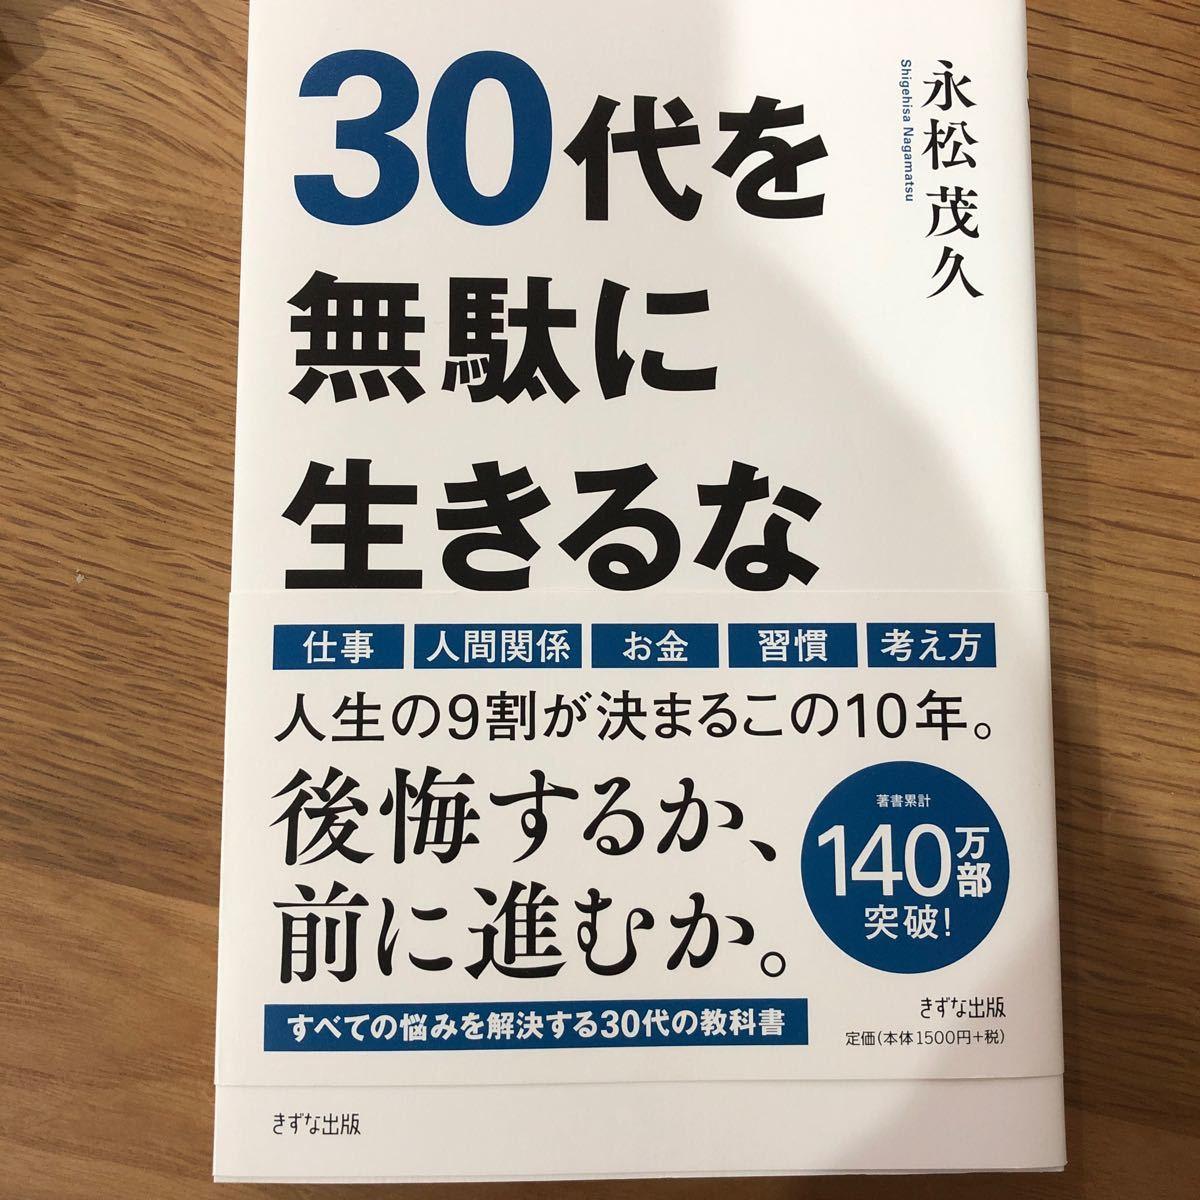 30代を無駄に生きるな/永松茂久